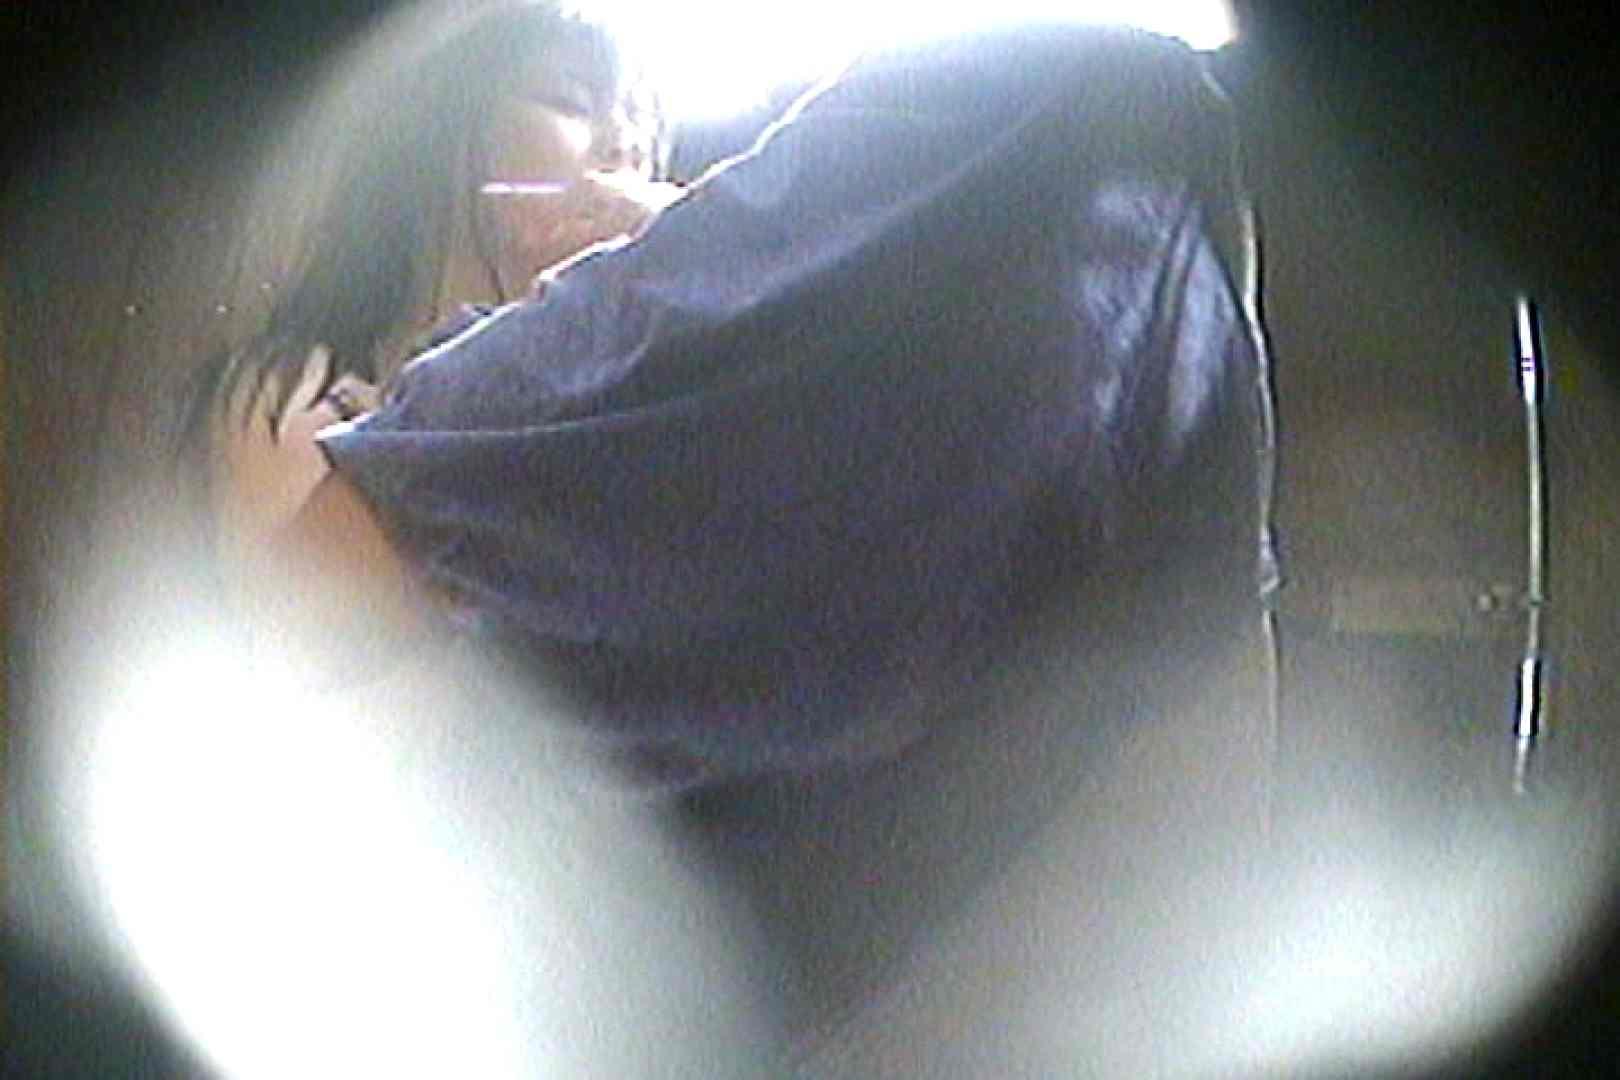 海の家の更衣室 Vol.61 美女達のヌード   シャワー中  54連発 9